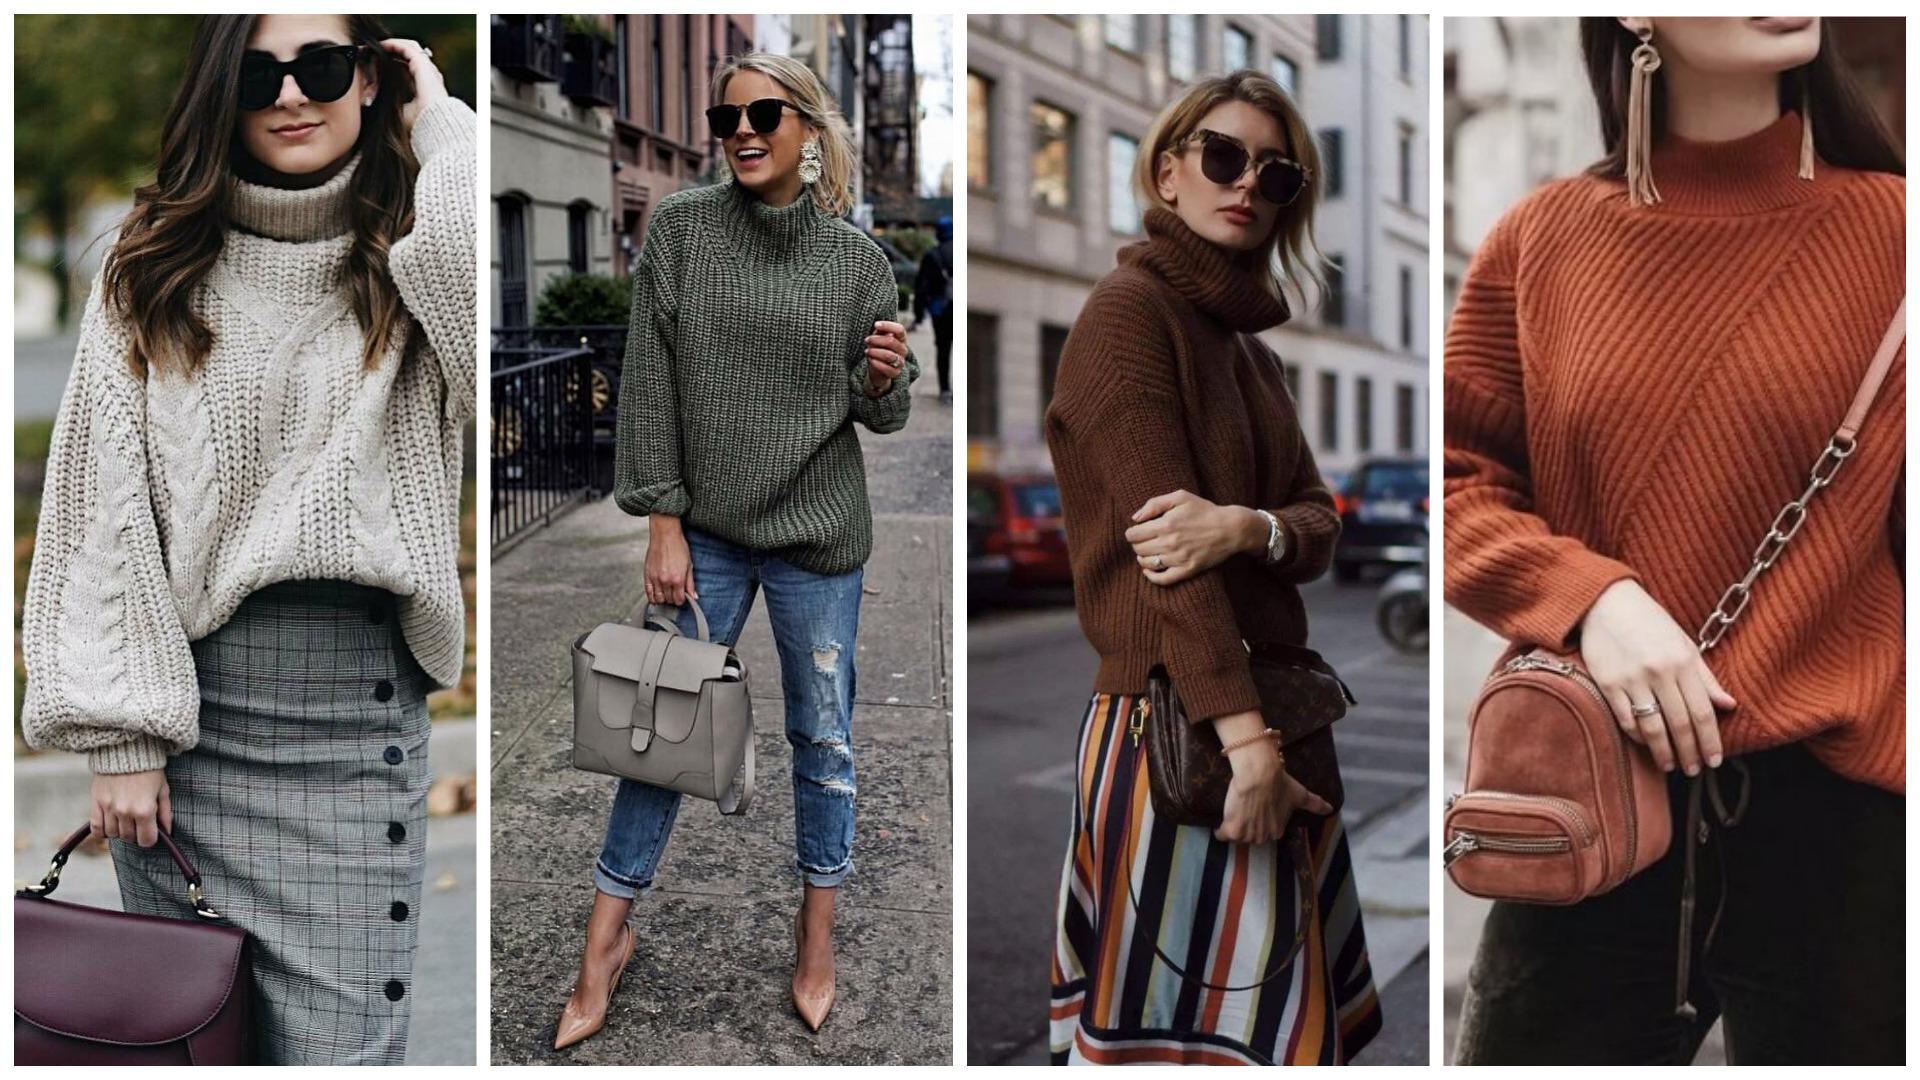 трикотажный свитер на соень 2020, мода осени